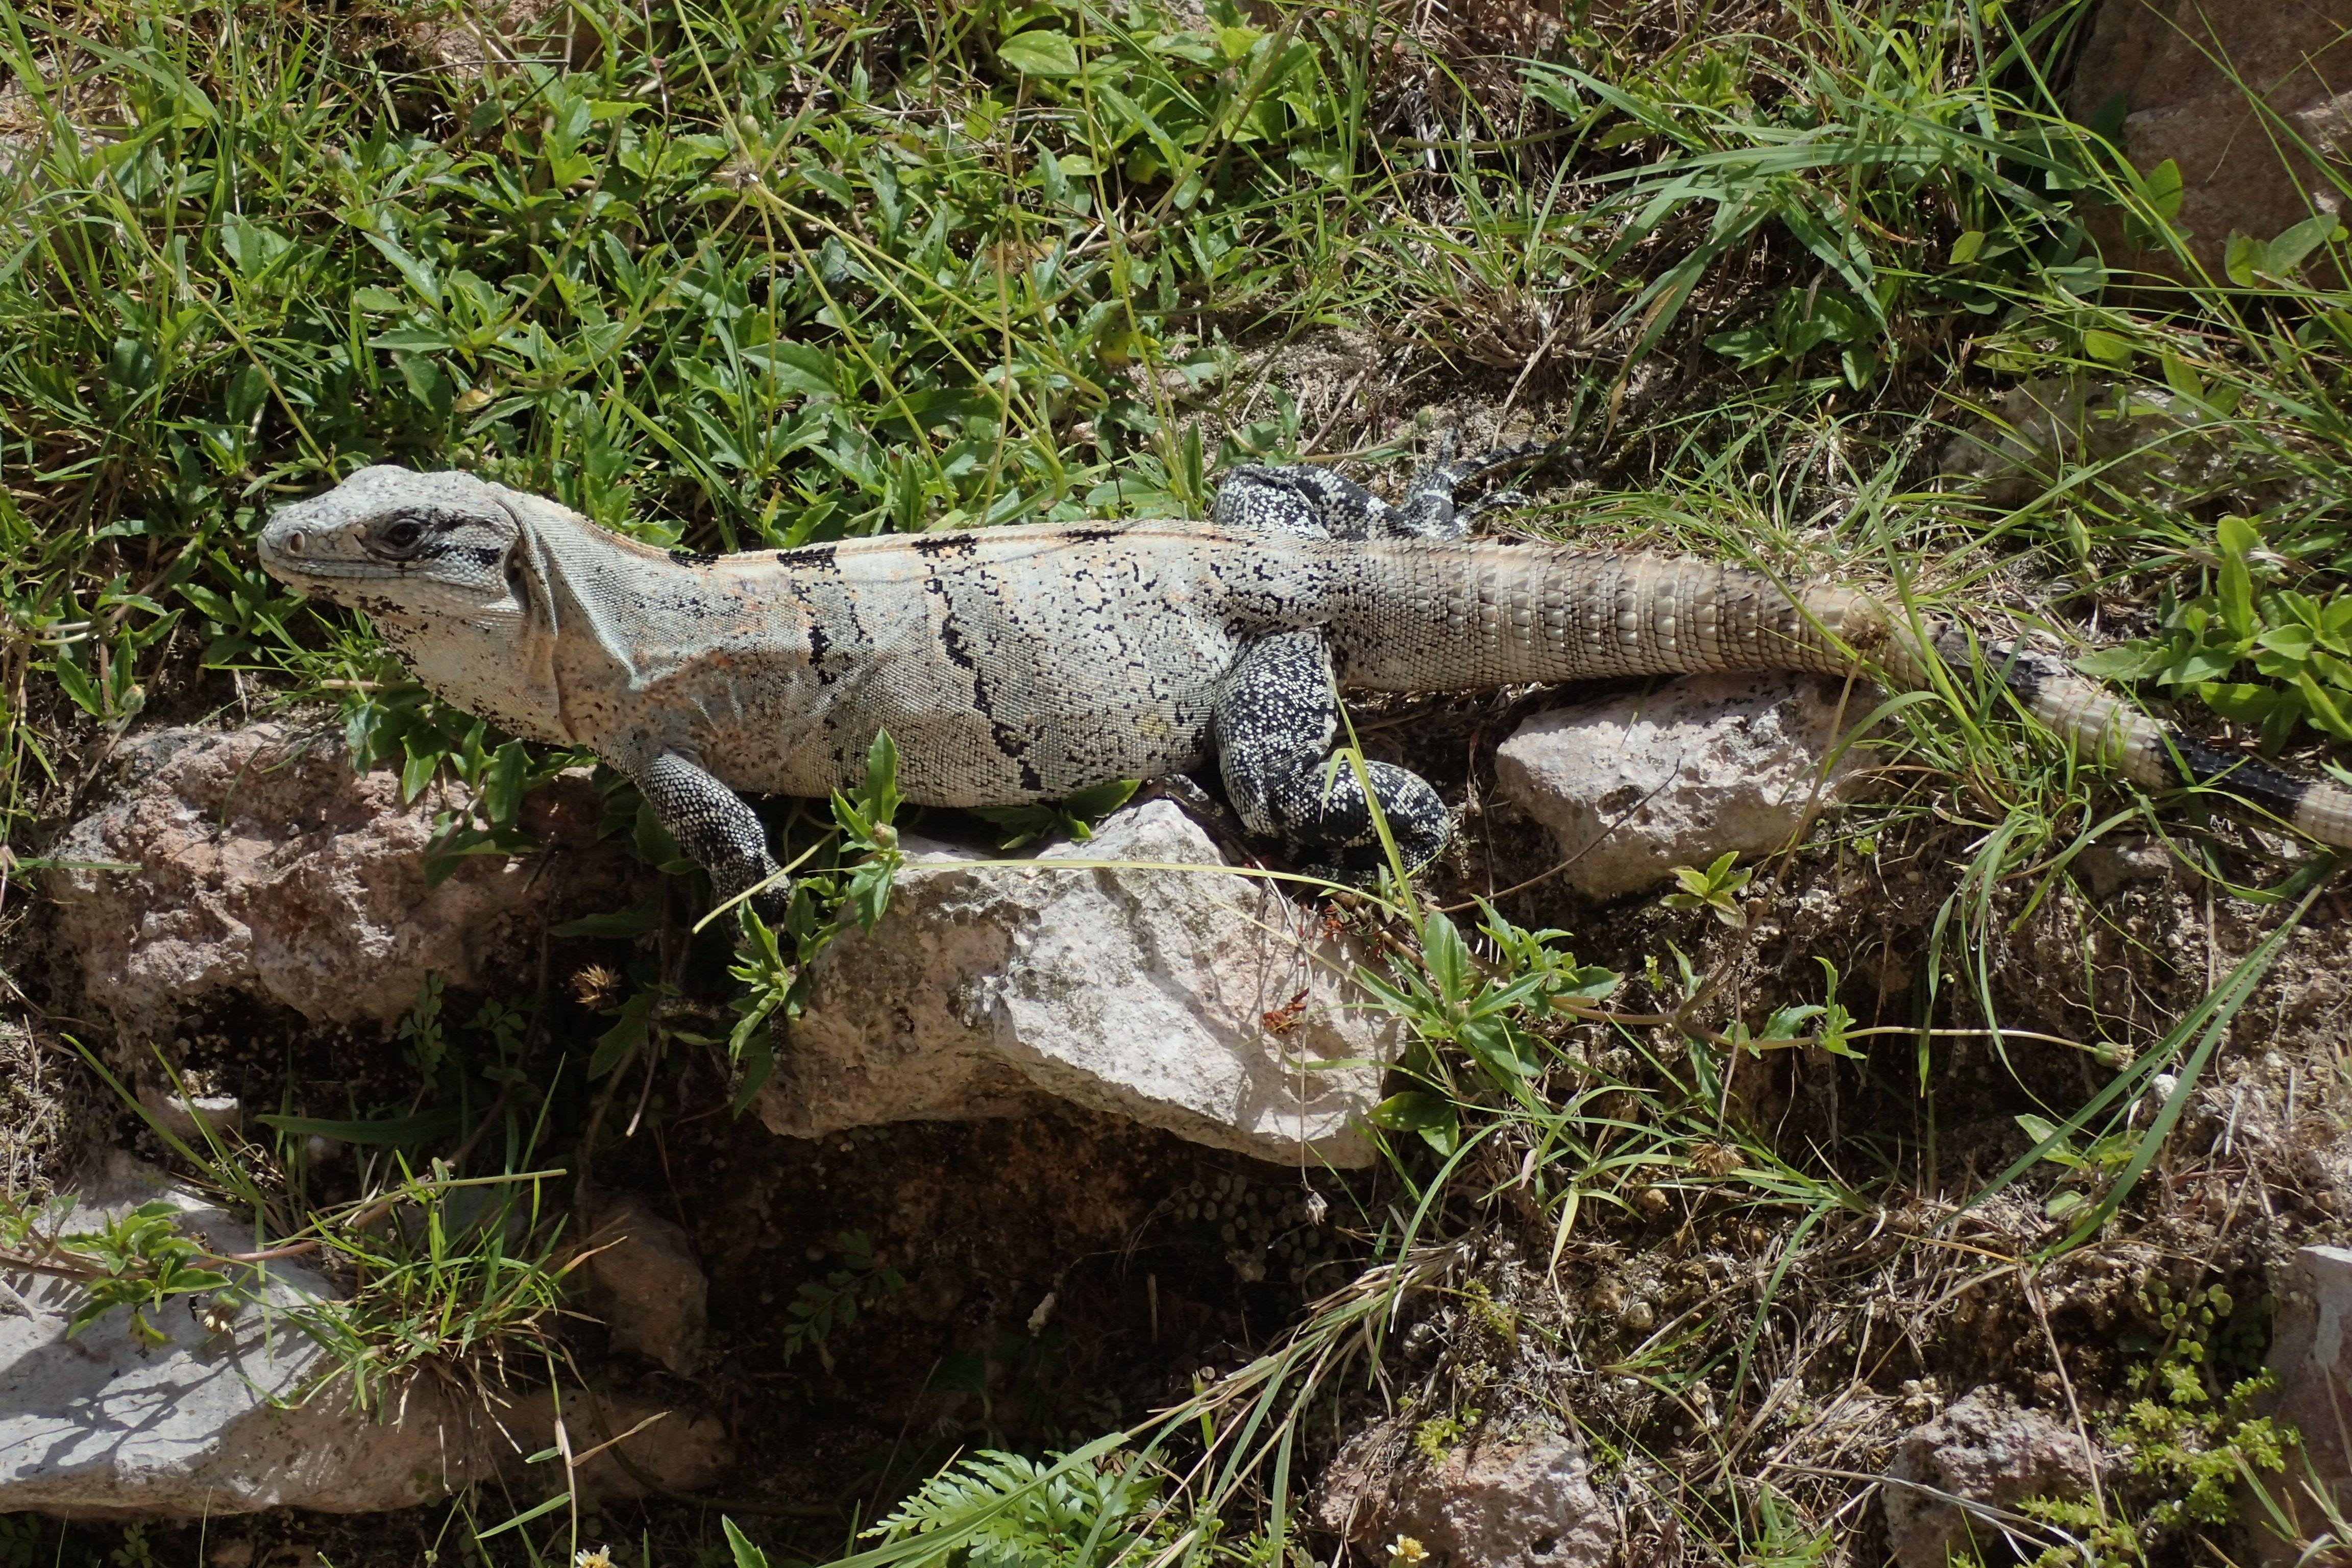 Black Spinytailed Iguana at Ruinas Uxmal, Yucatan, Mexico